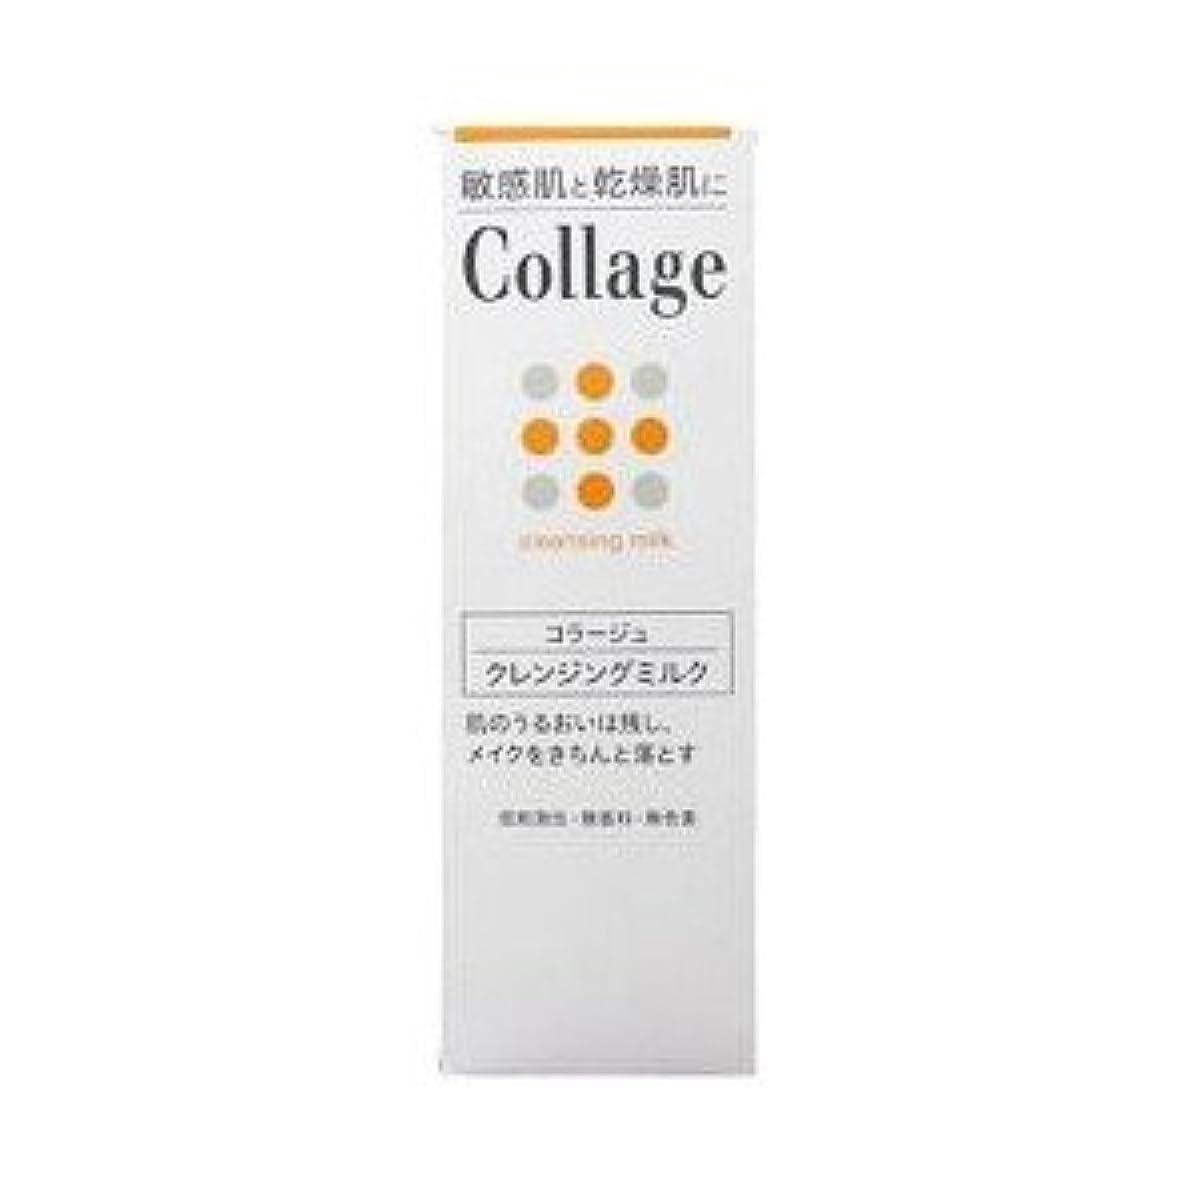 意気消沈した動機付ける旅行者(持田ヘルスケア)コラージュ クレンジングミルク 100g(お買い得3個セット)